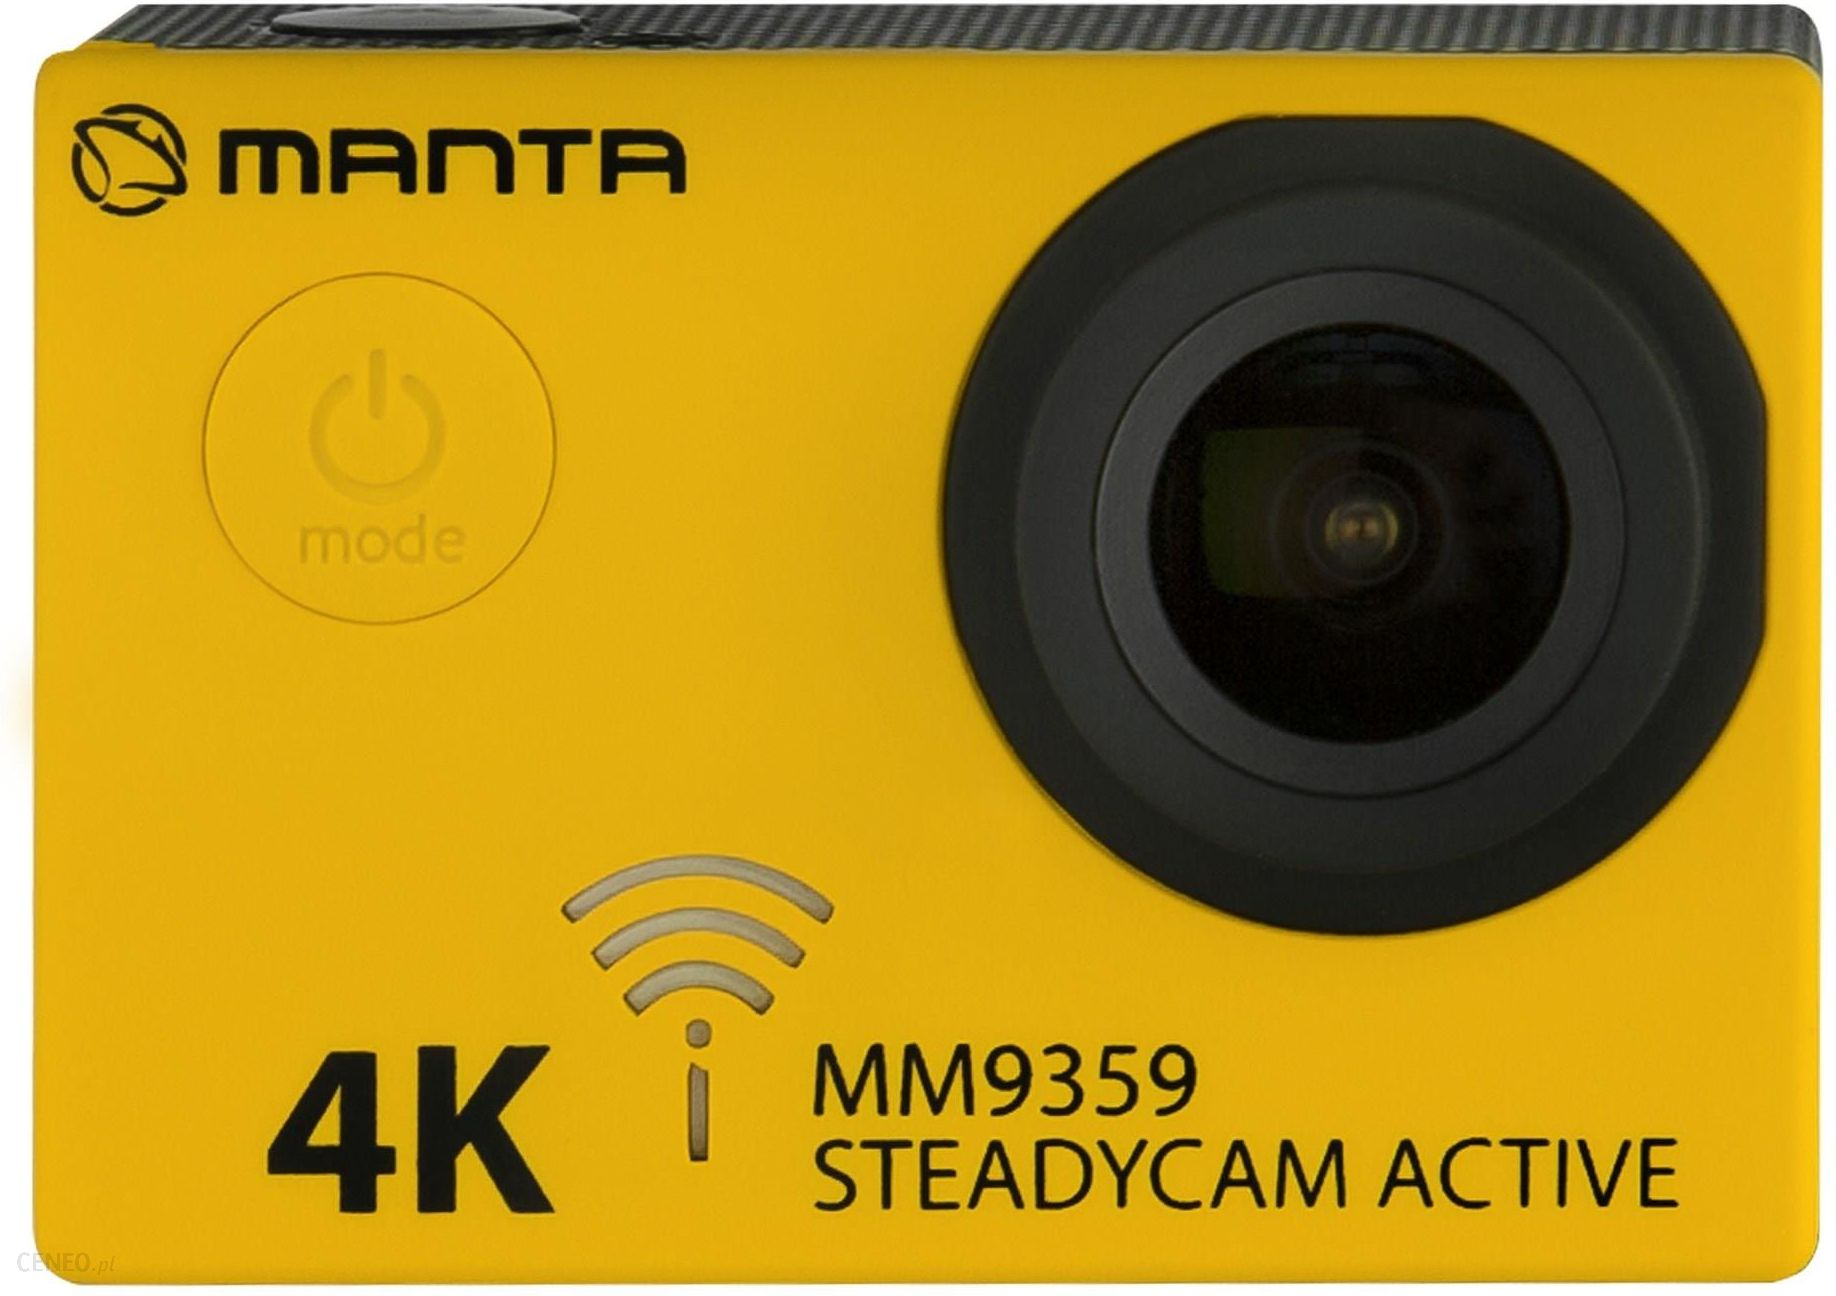 63780e82390354 Kamera sportowa Manta 4K MM9359 - Opinie i ceny na Ceneo.pl